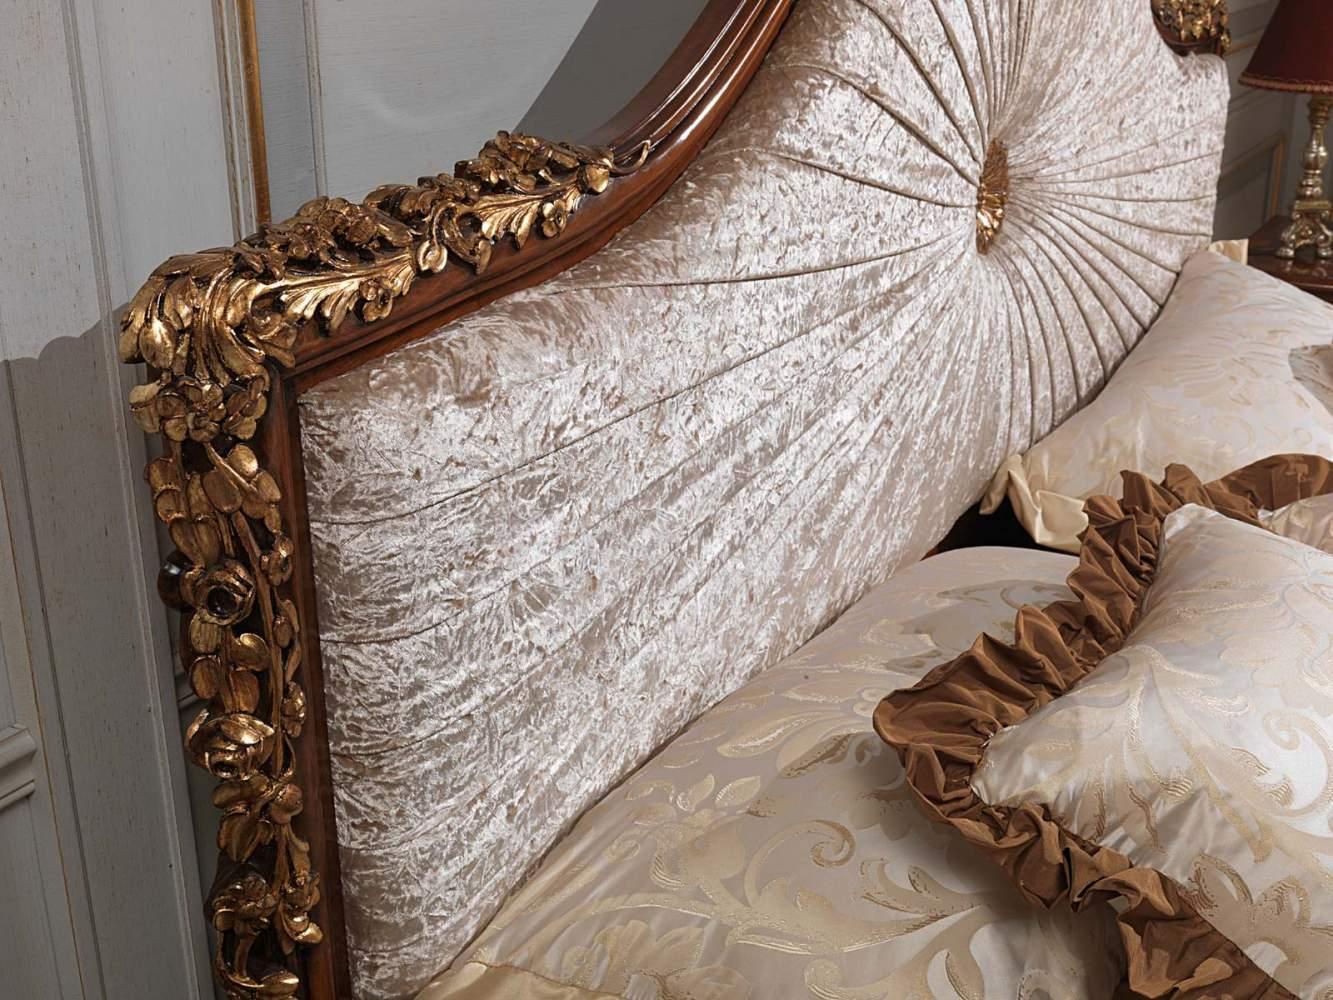 Camera da letto classica Louvre, letto intagliato